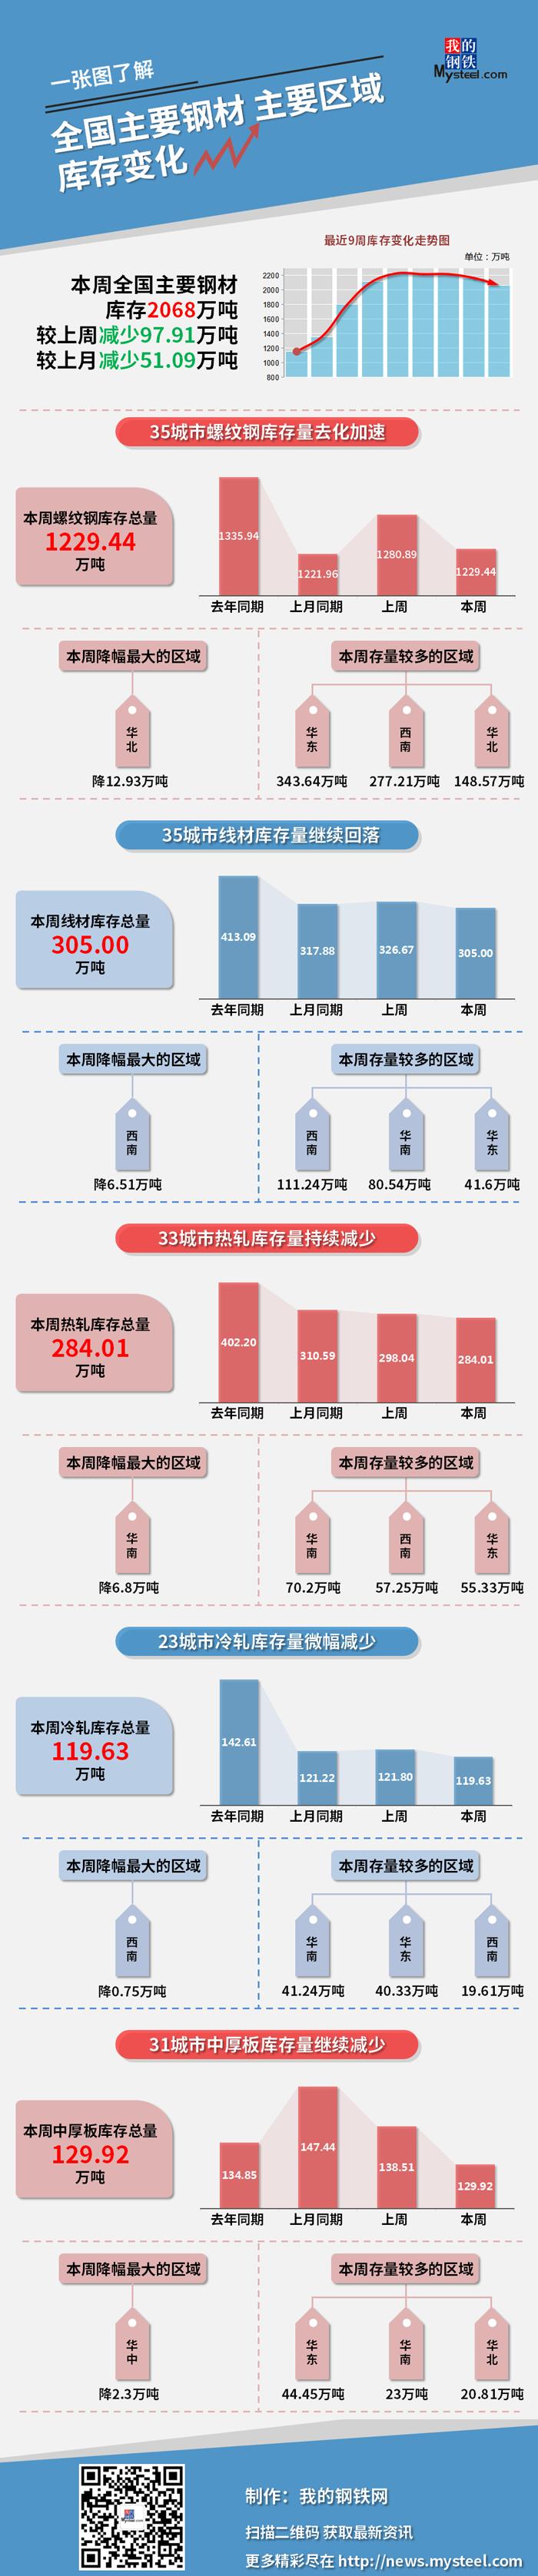 图说 | 本周钢材社会库存减少97.91万吨(3月19日—3月25日)